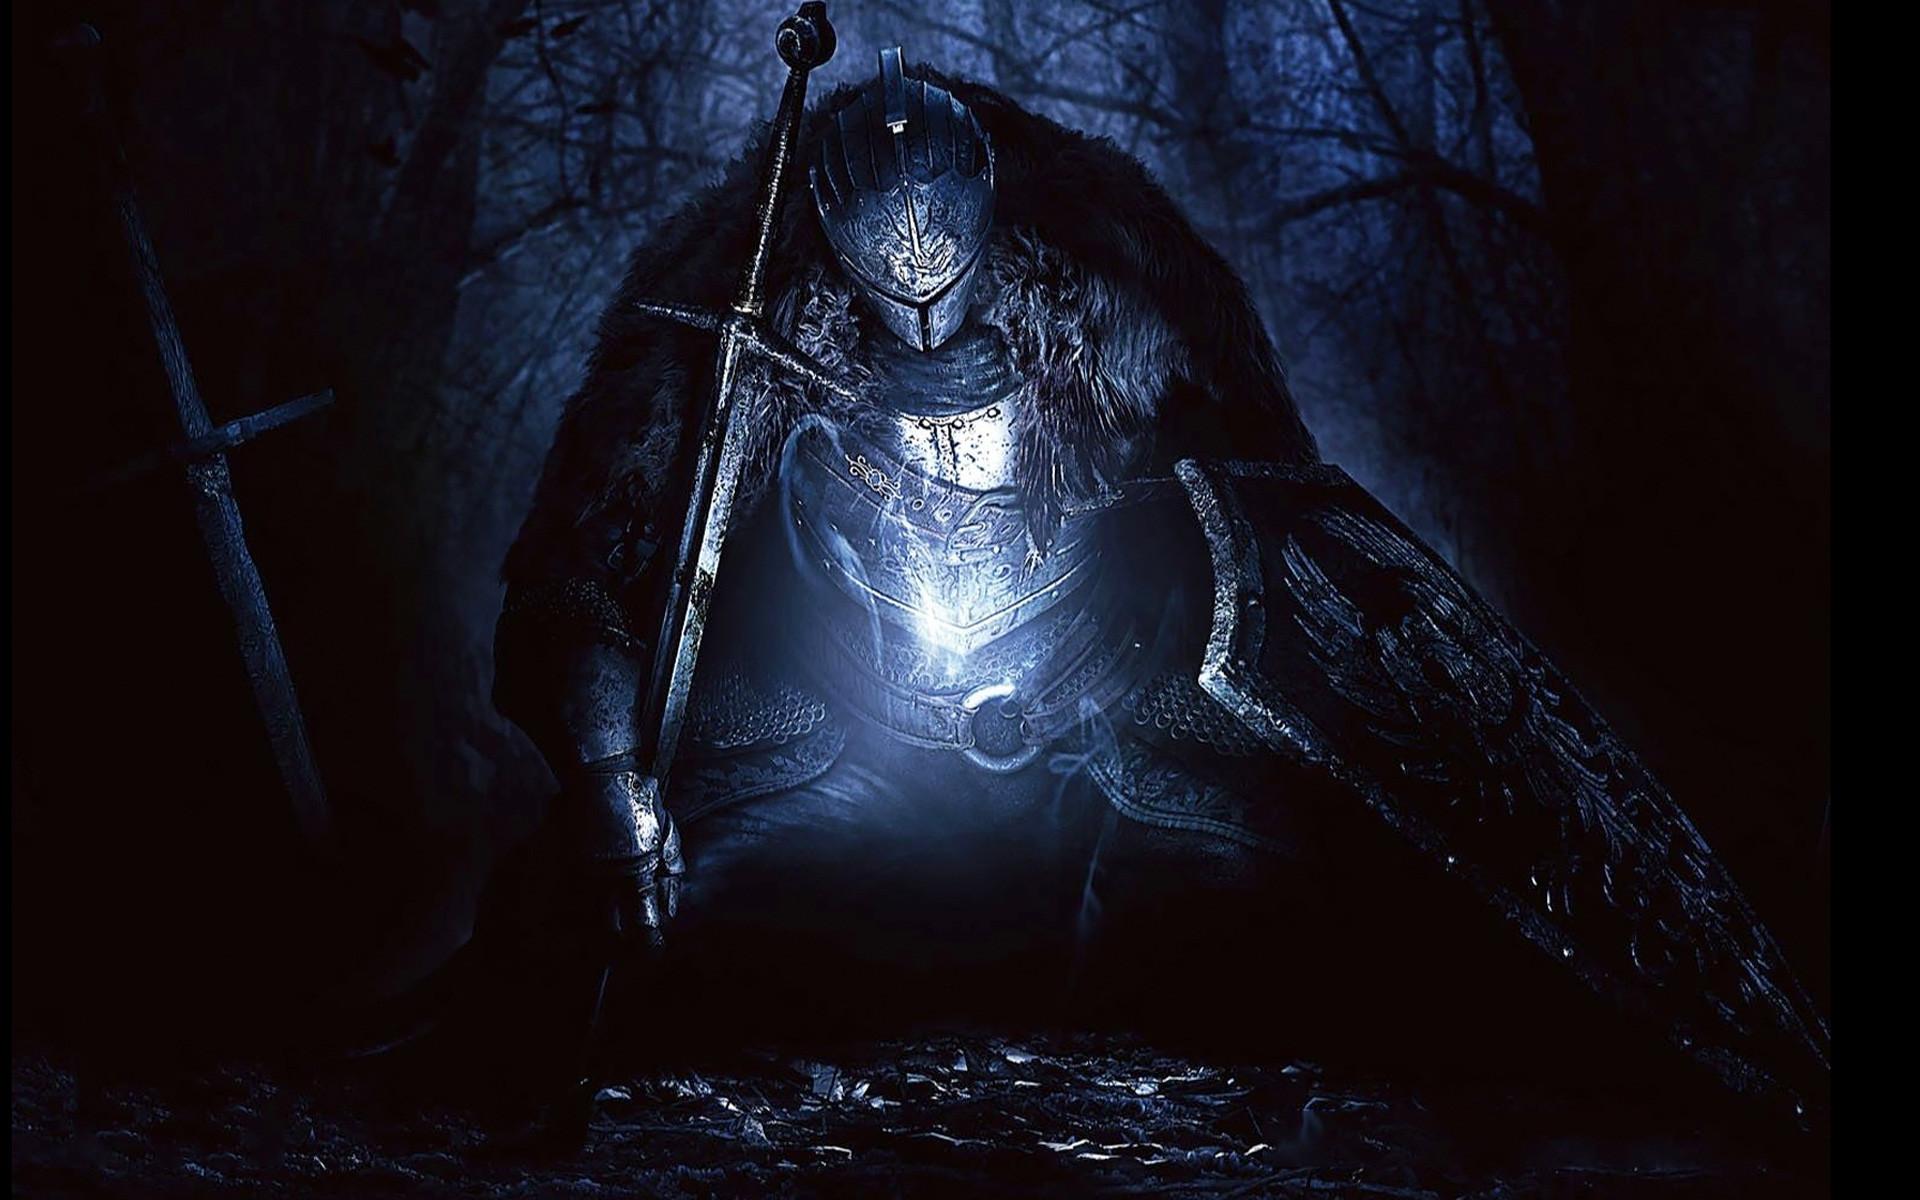 Dark Souls 2 Wallpaper HD | Images Wallpapers | Pinterest | Dark souls,  Wallpaper and Artwork